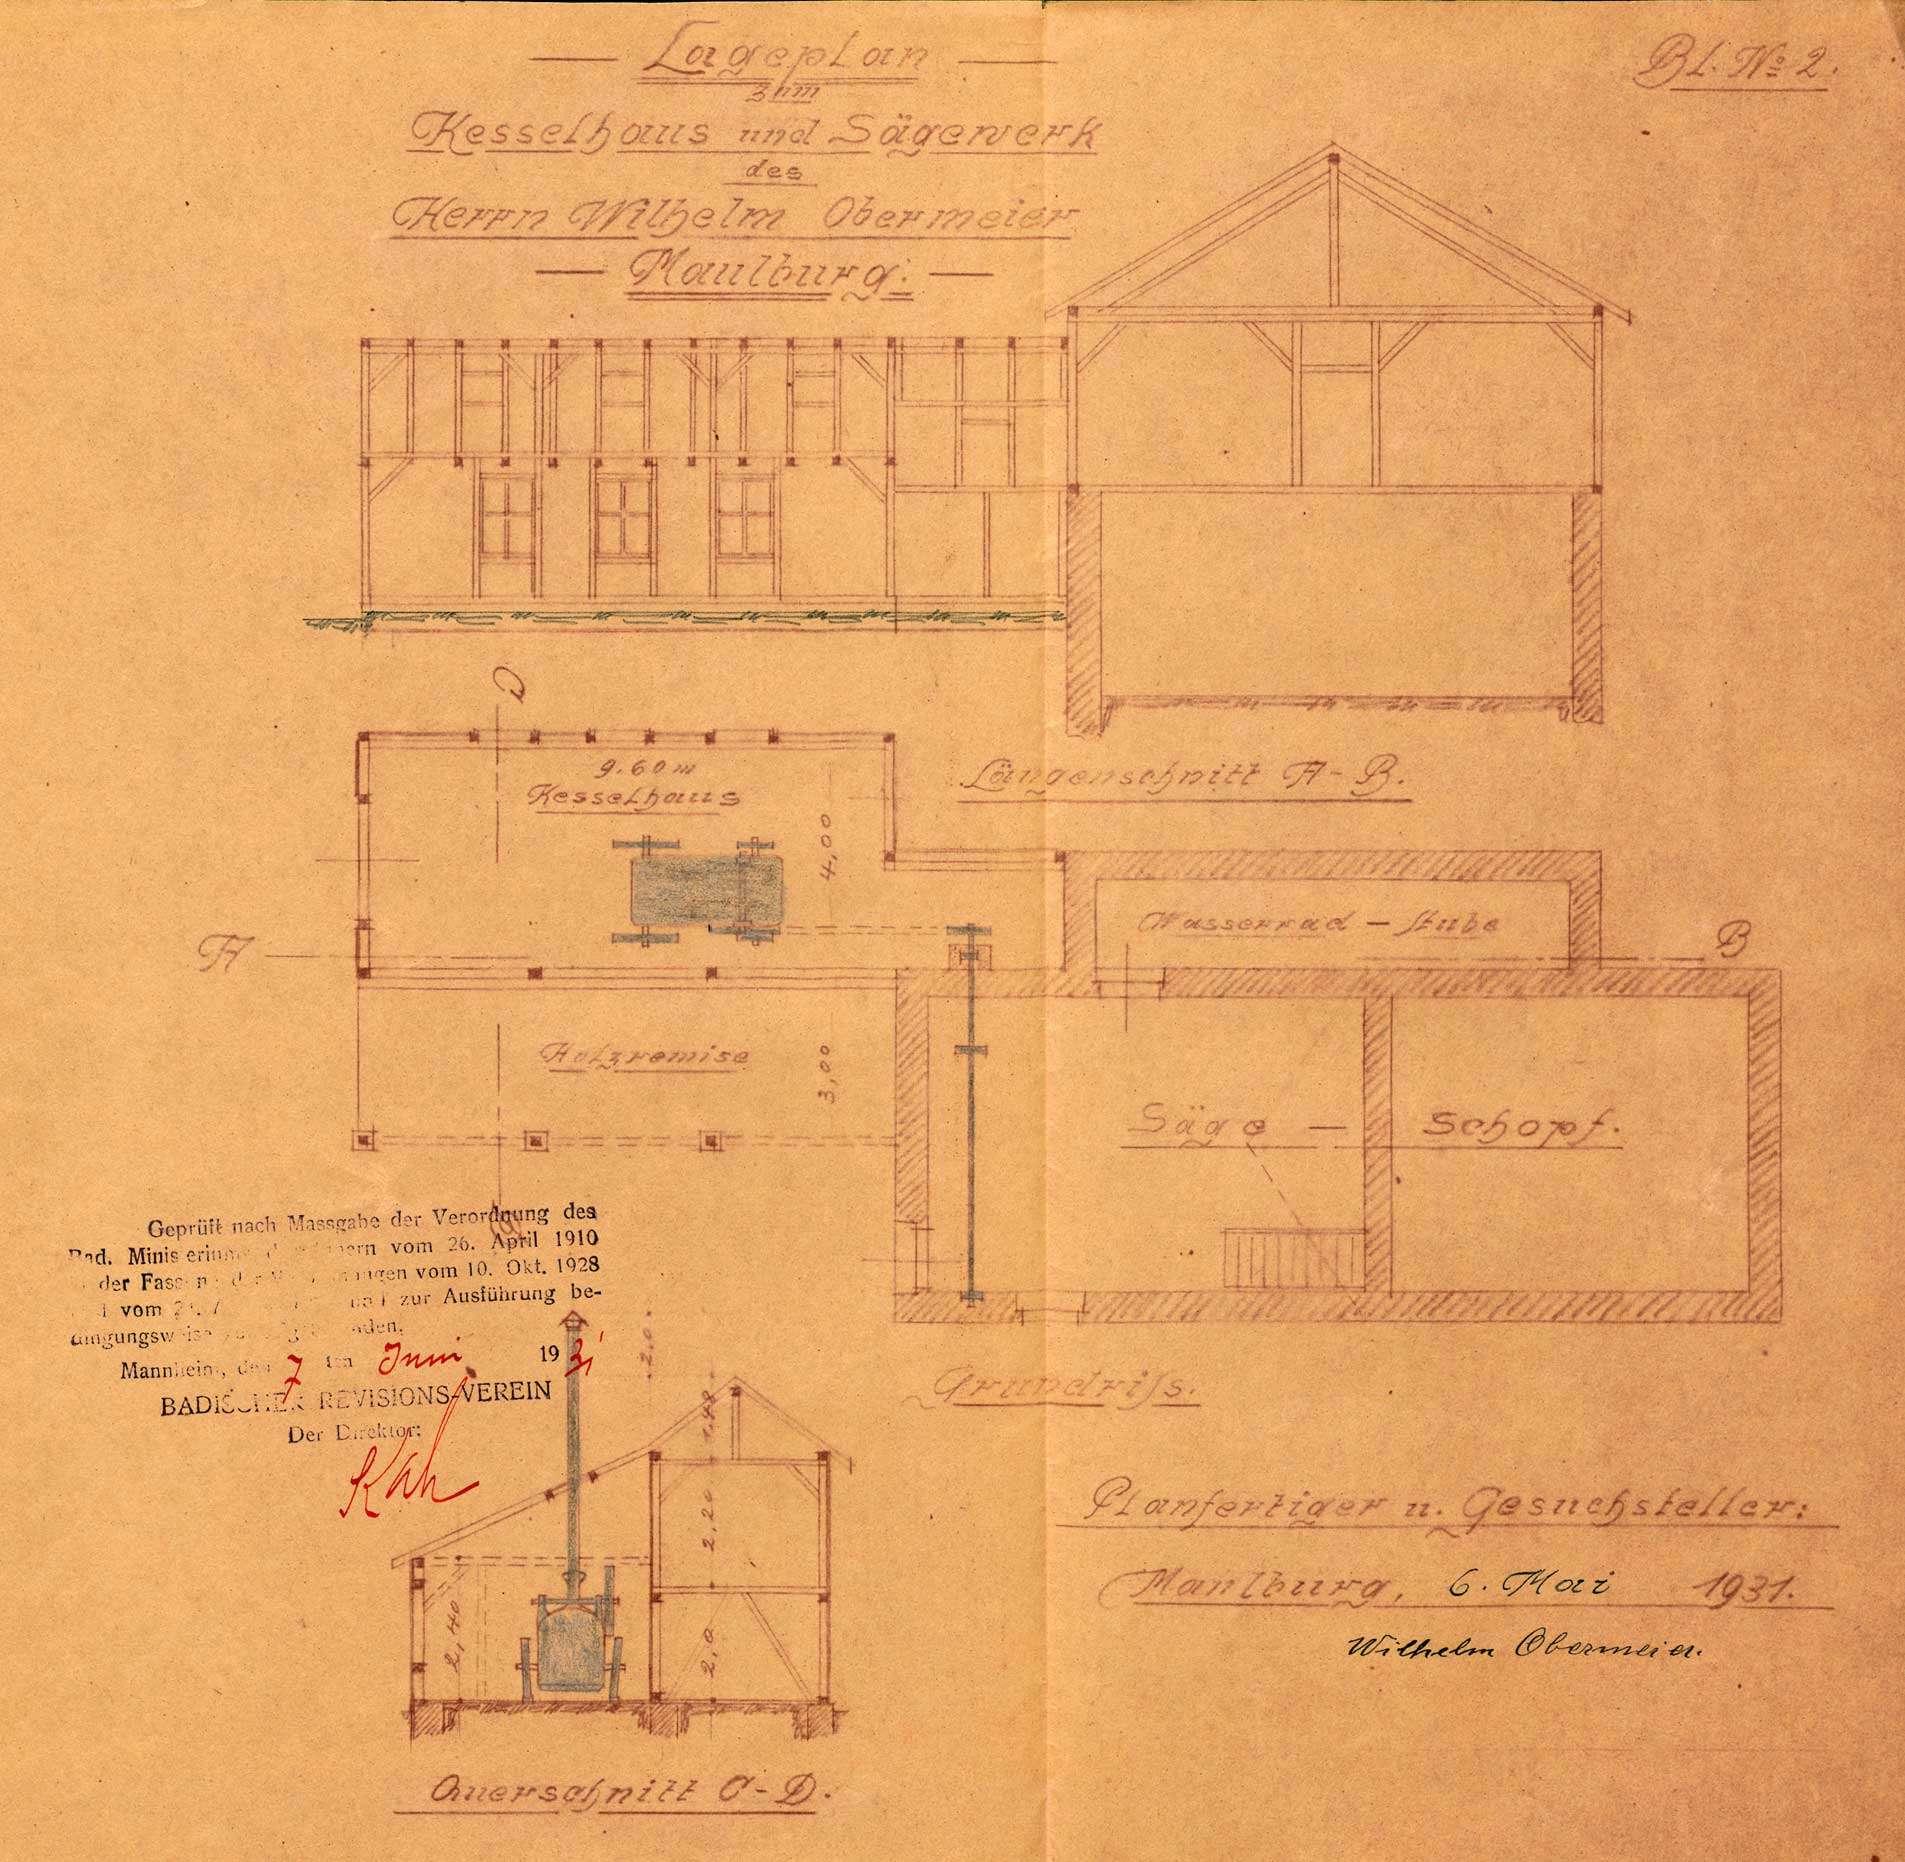 Aufstellung eines Dampfkessels durch Wilhelm Obermeier, Sägewerk in Maulburg; Sperrung des Kessels, Bild 3